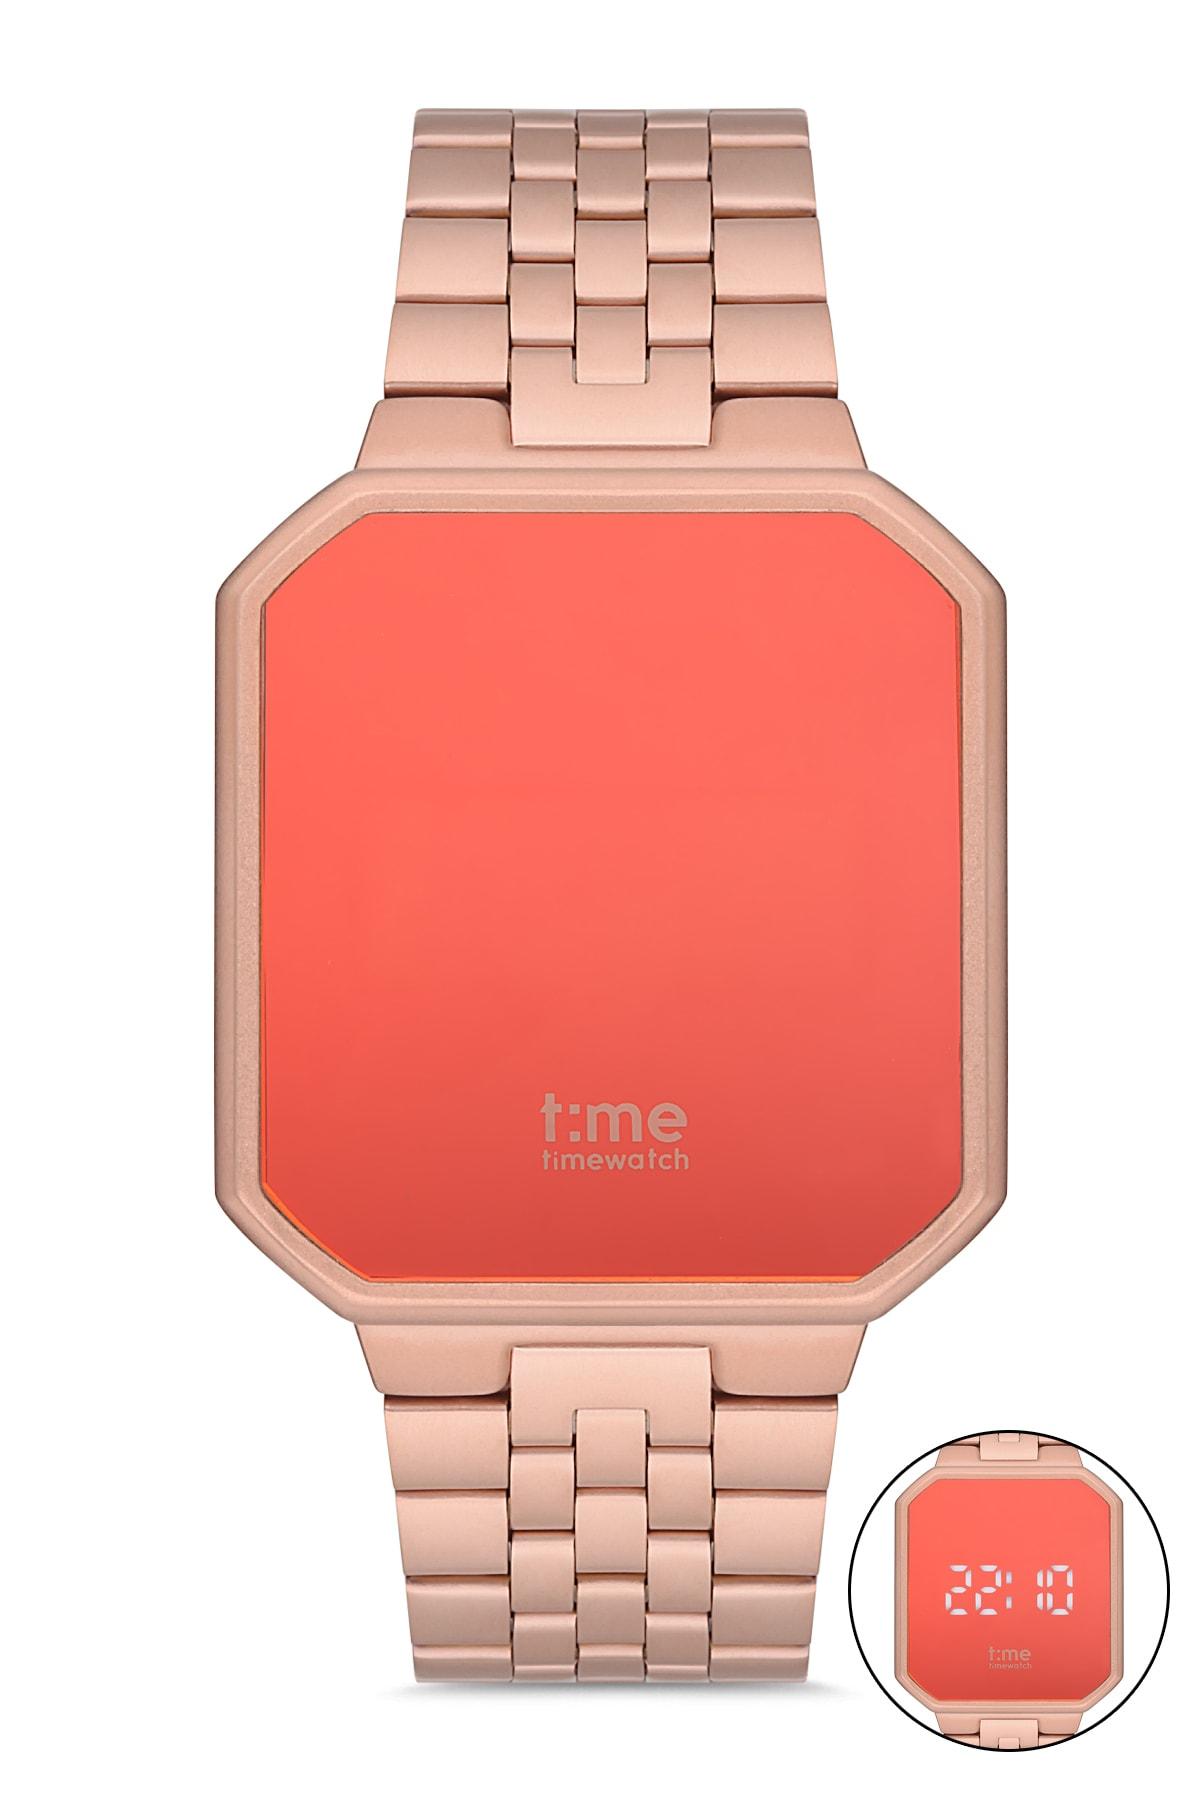 Timewatch Time Watch Tw.144.2rrr Unisex Kol Saati 1